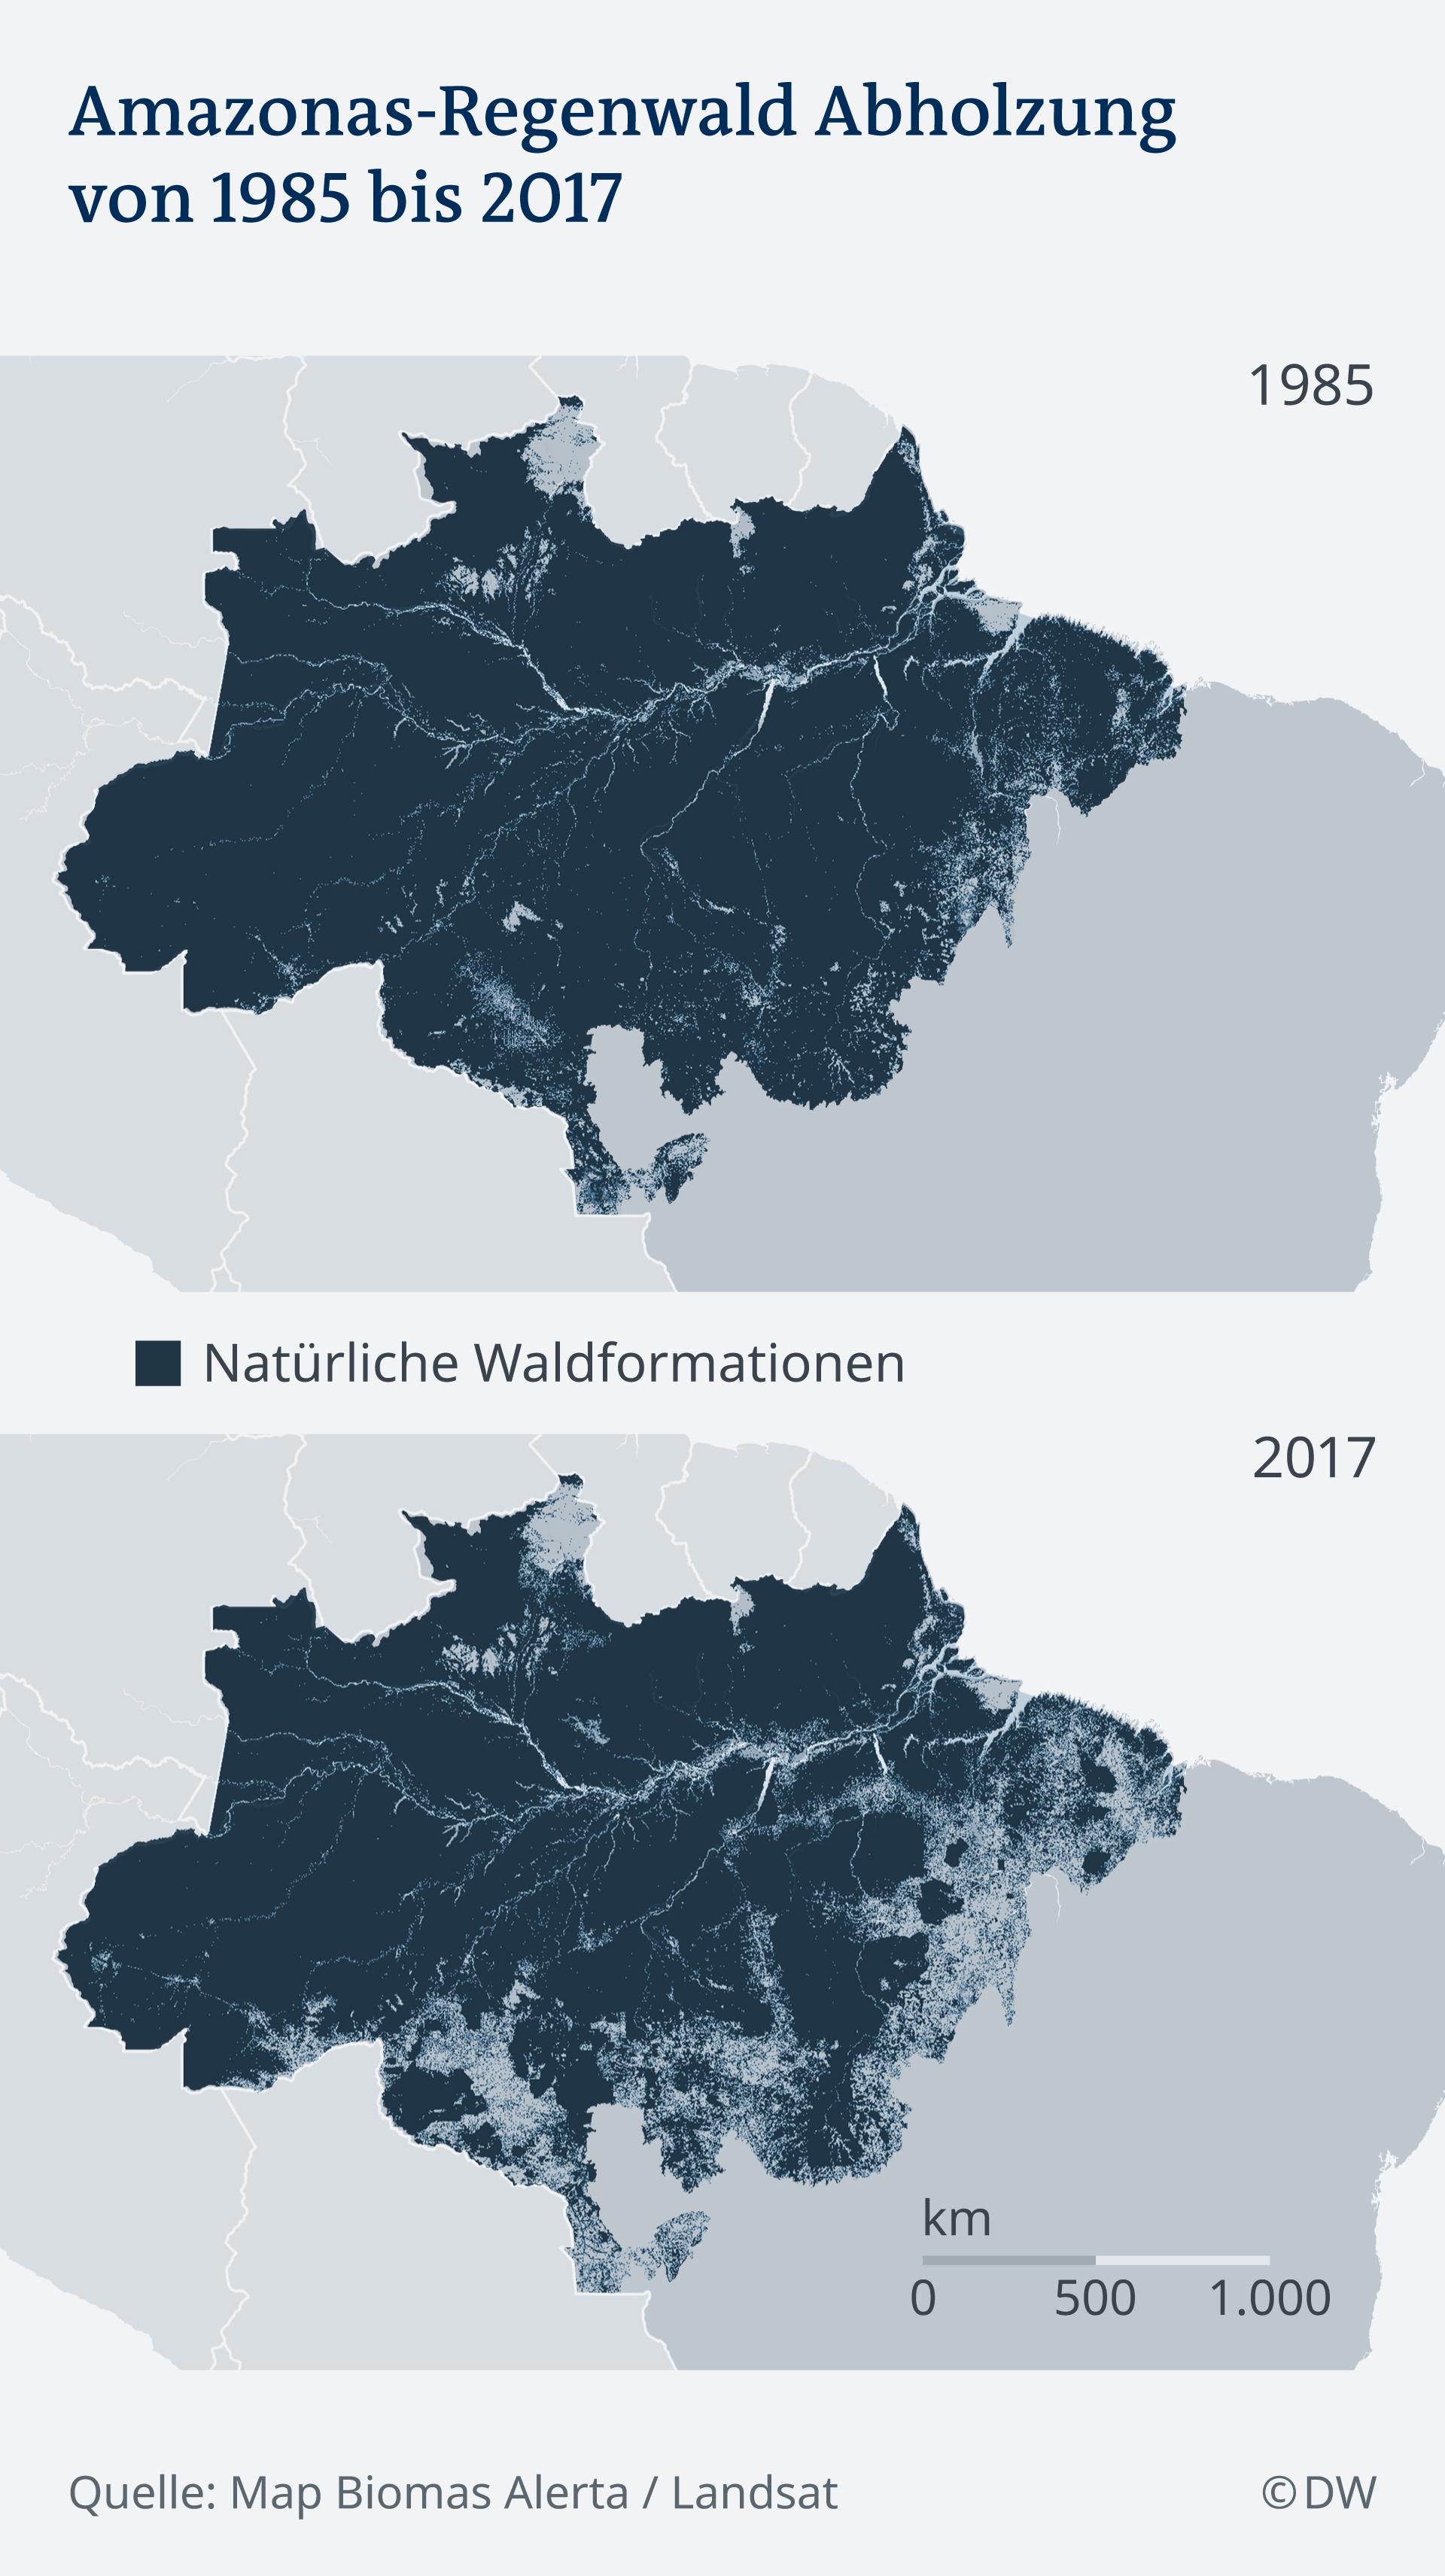 1985 vs 2017: Der Waldbestand im Amazonas im Vergleich